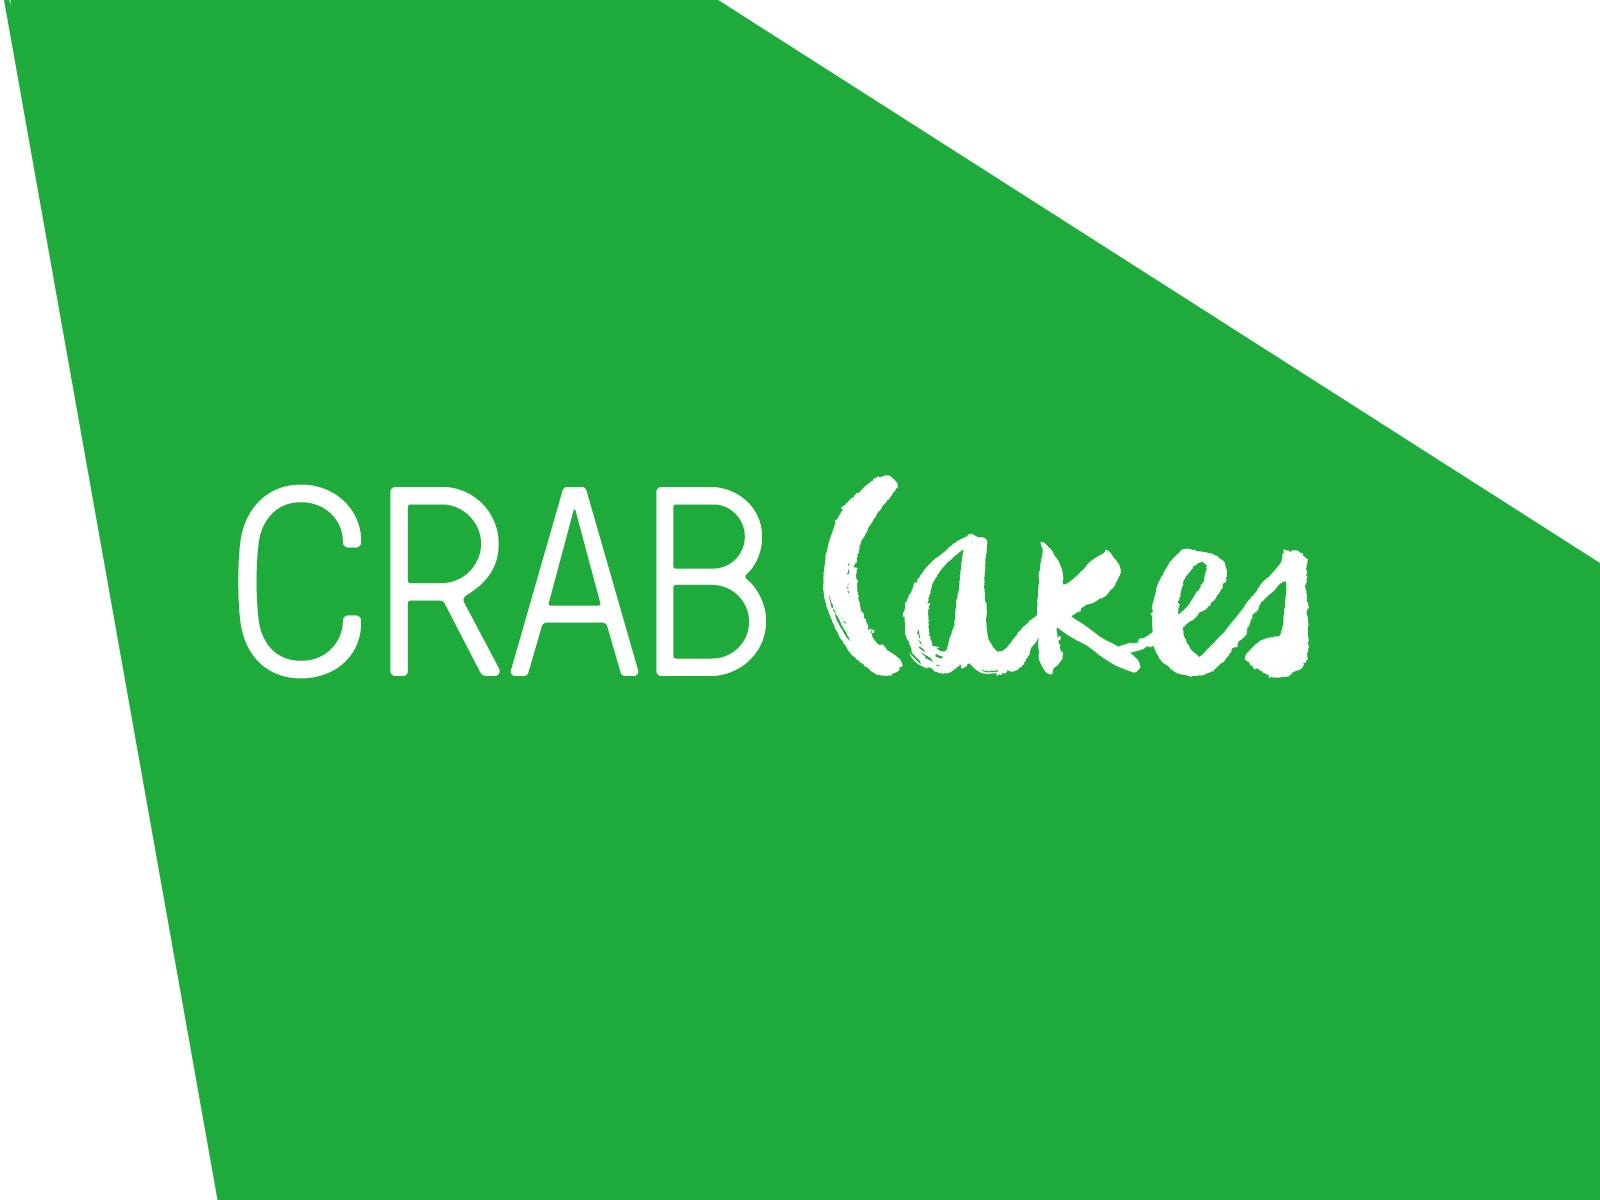 SEA LEGS® Crab Cakes